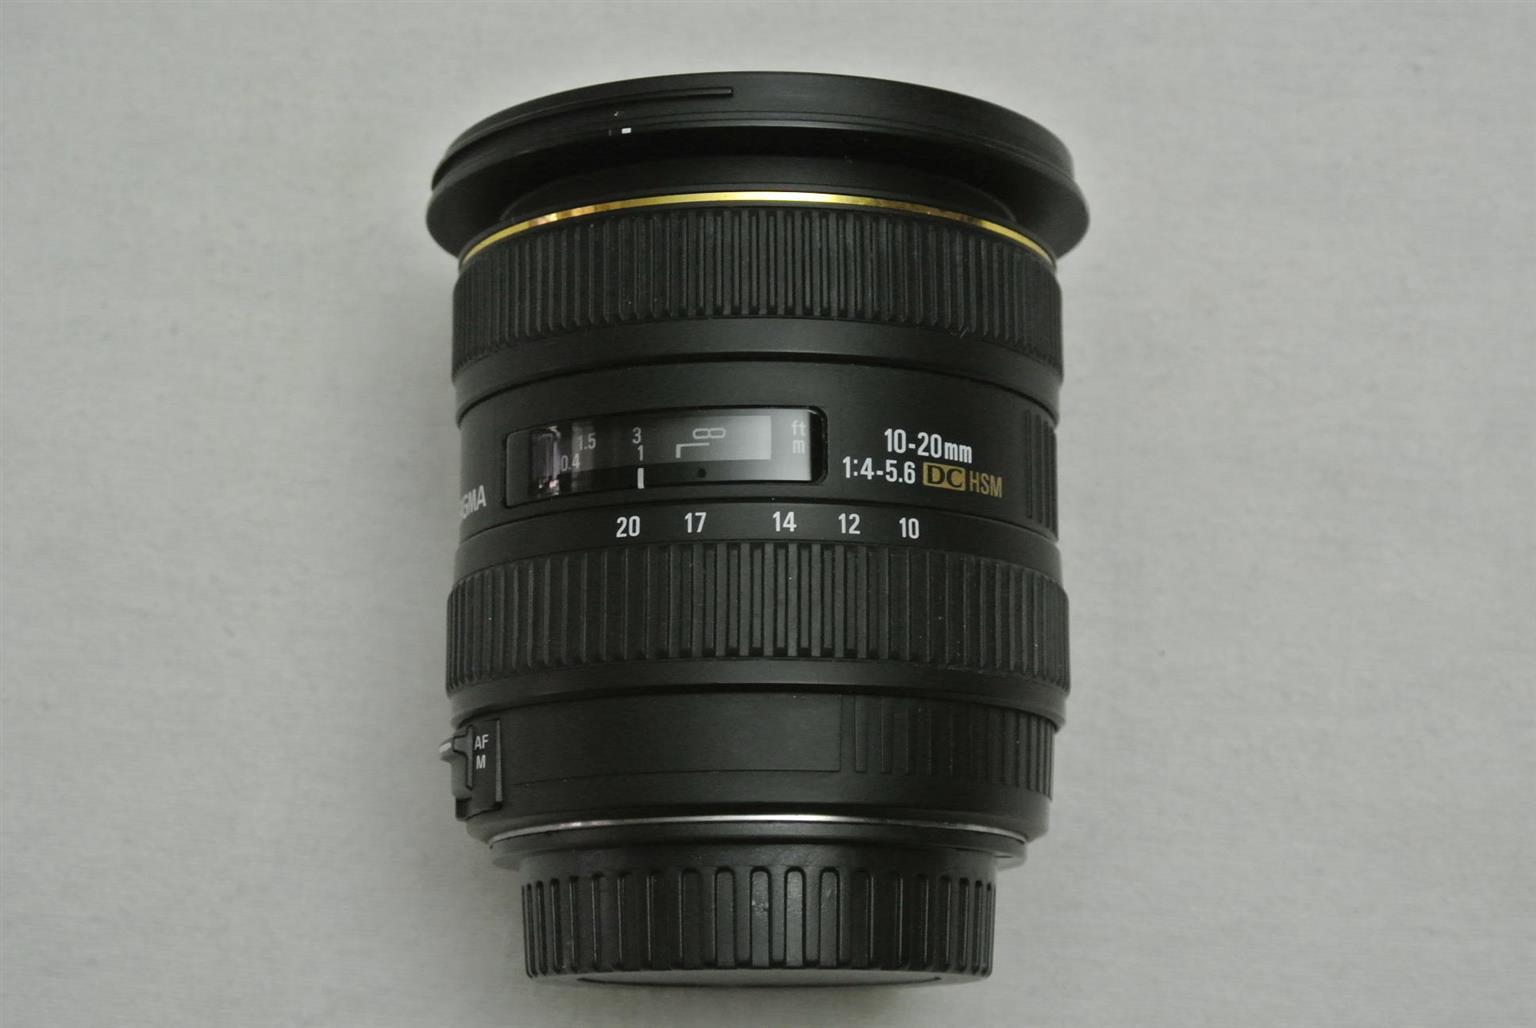 Sigma Ex 10-20mm 1:4-5.6 Dc Hsm FÜr Canon Analogkameras Analoge Fotografie